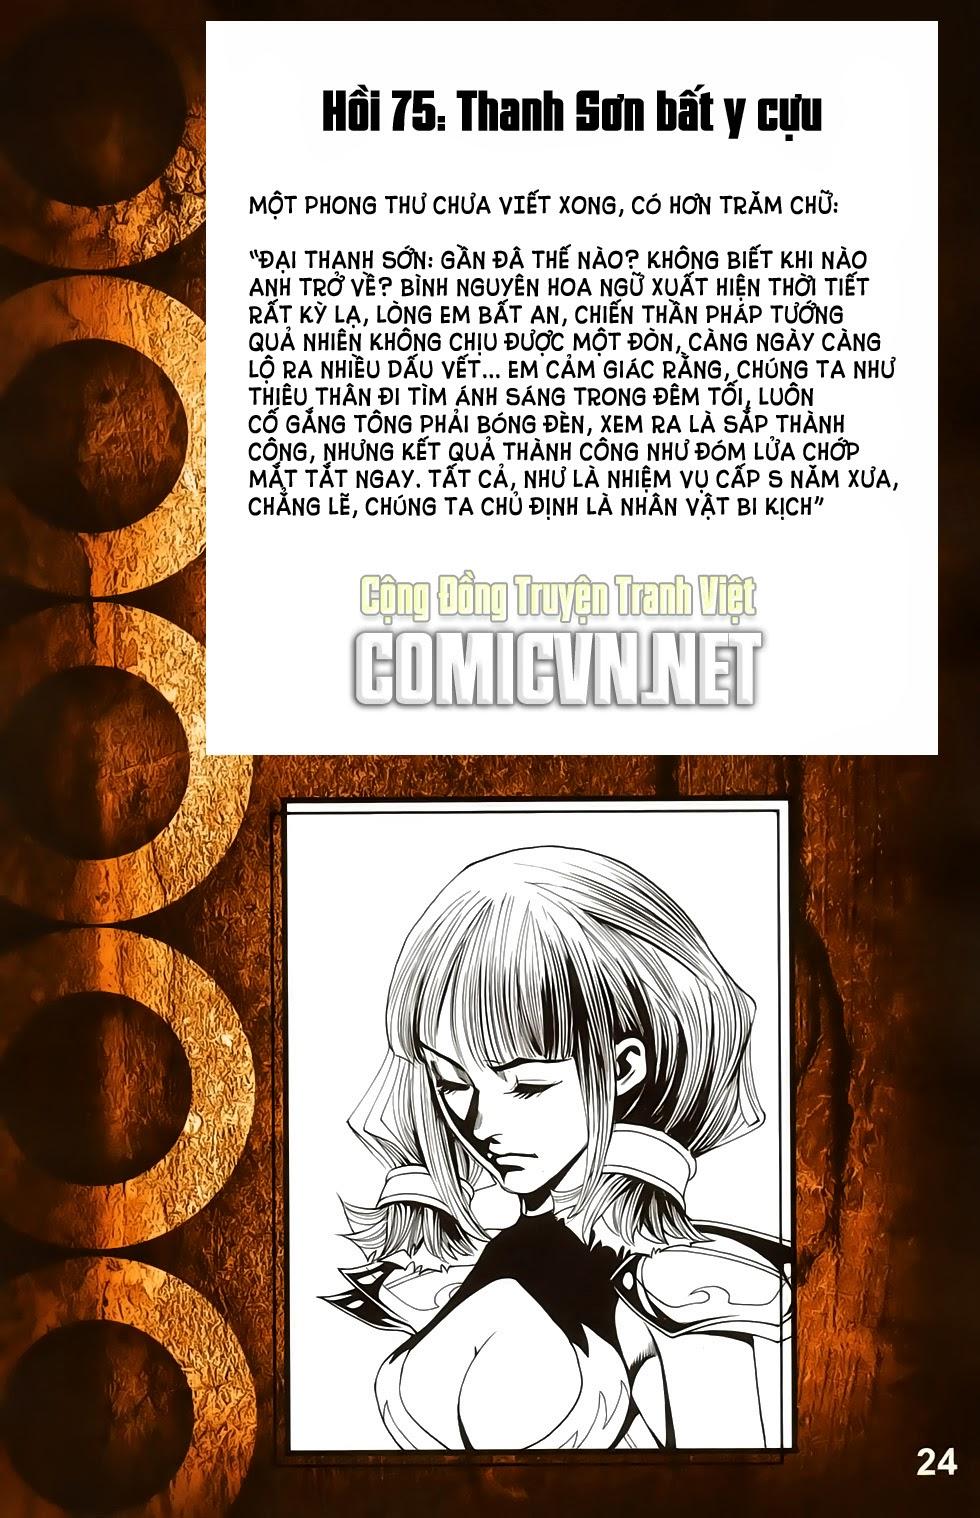 Dong Binh Thiên Hạ chap 75 - Trang 2